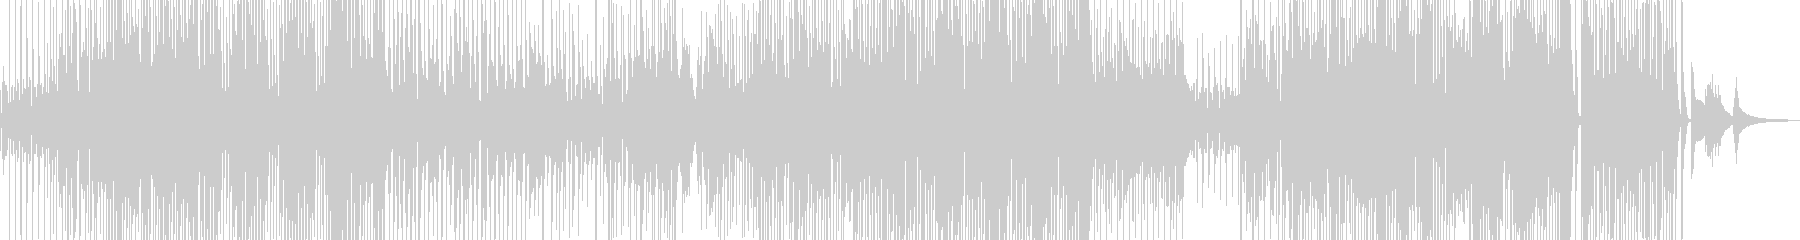 ユーモラスで軽快なジャズ+サックスの未再生の波形